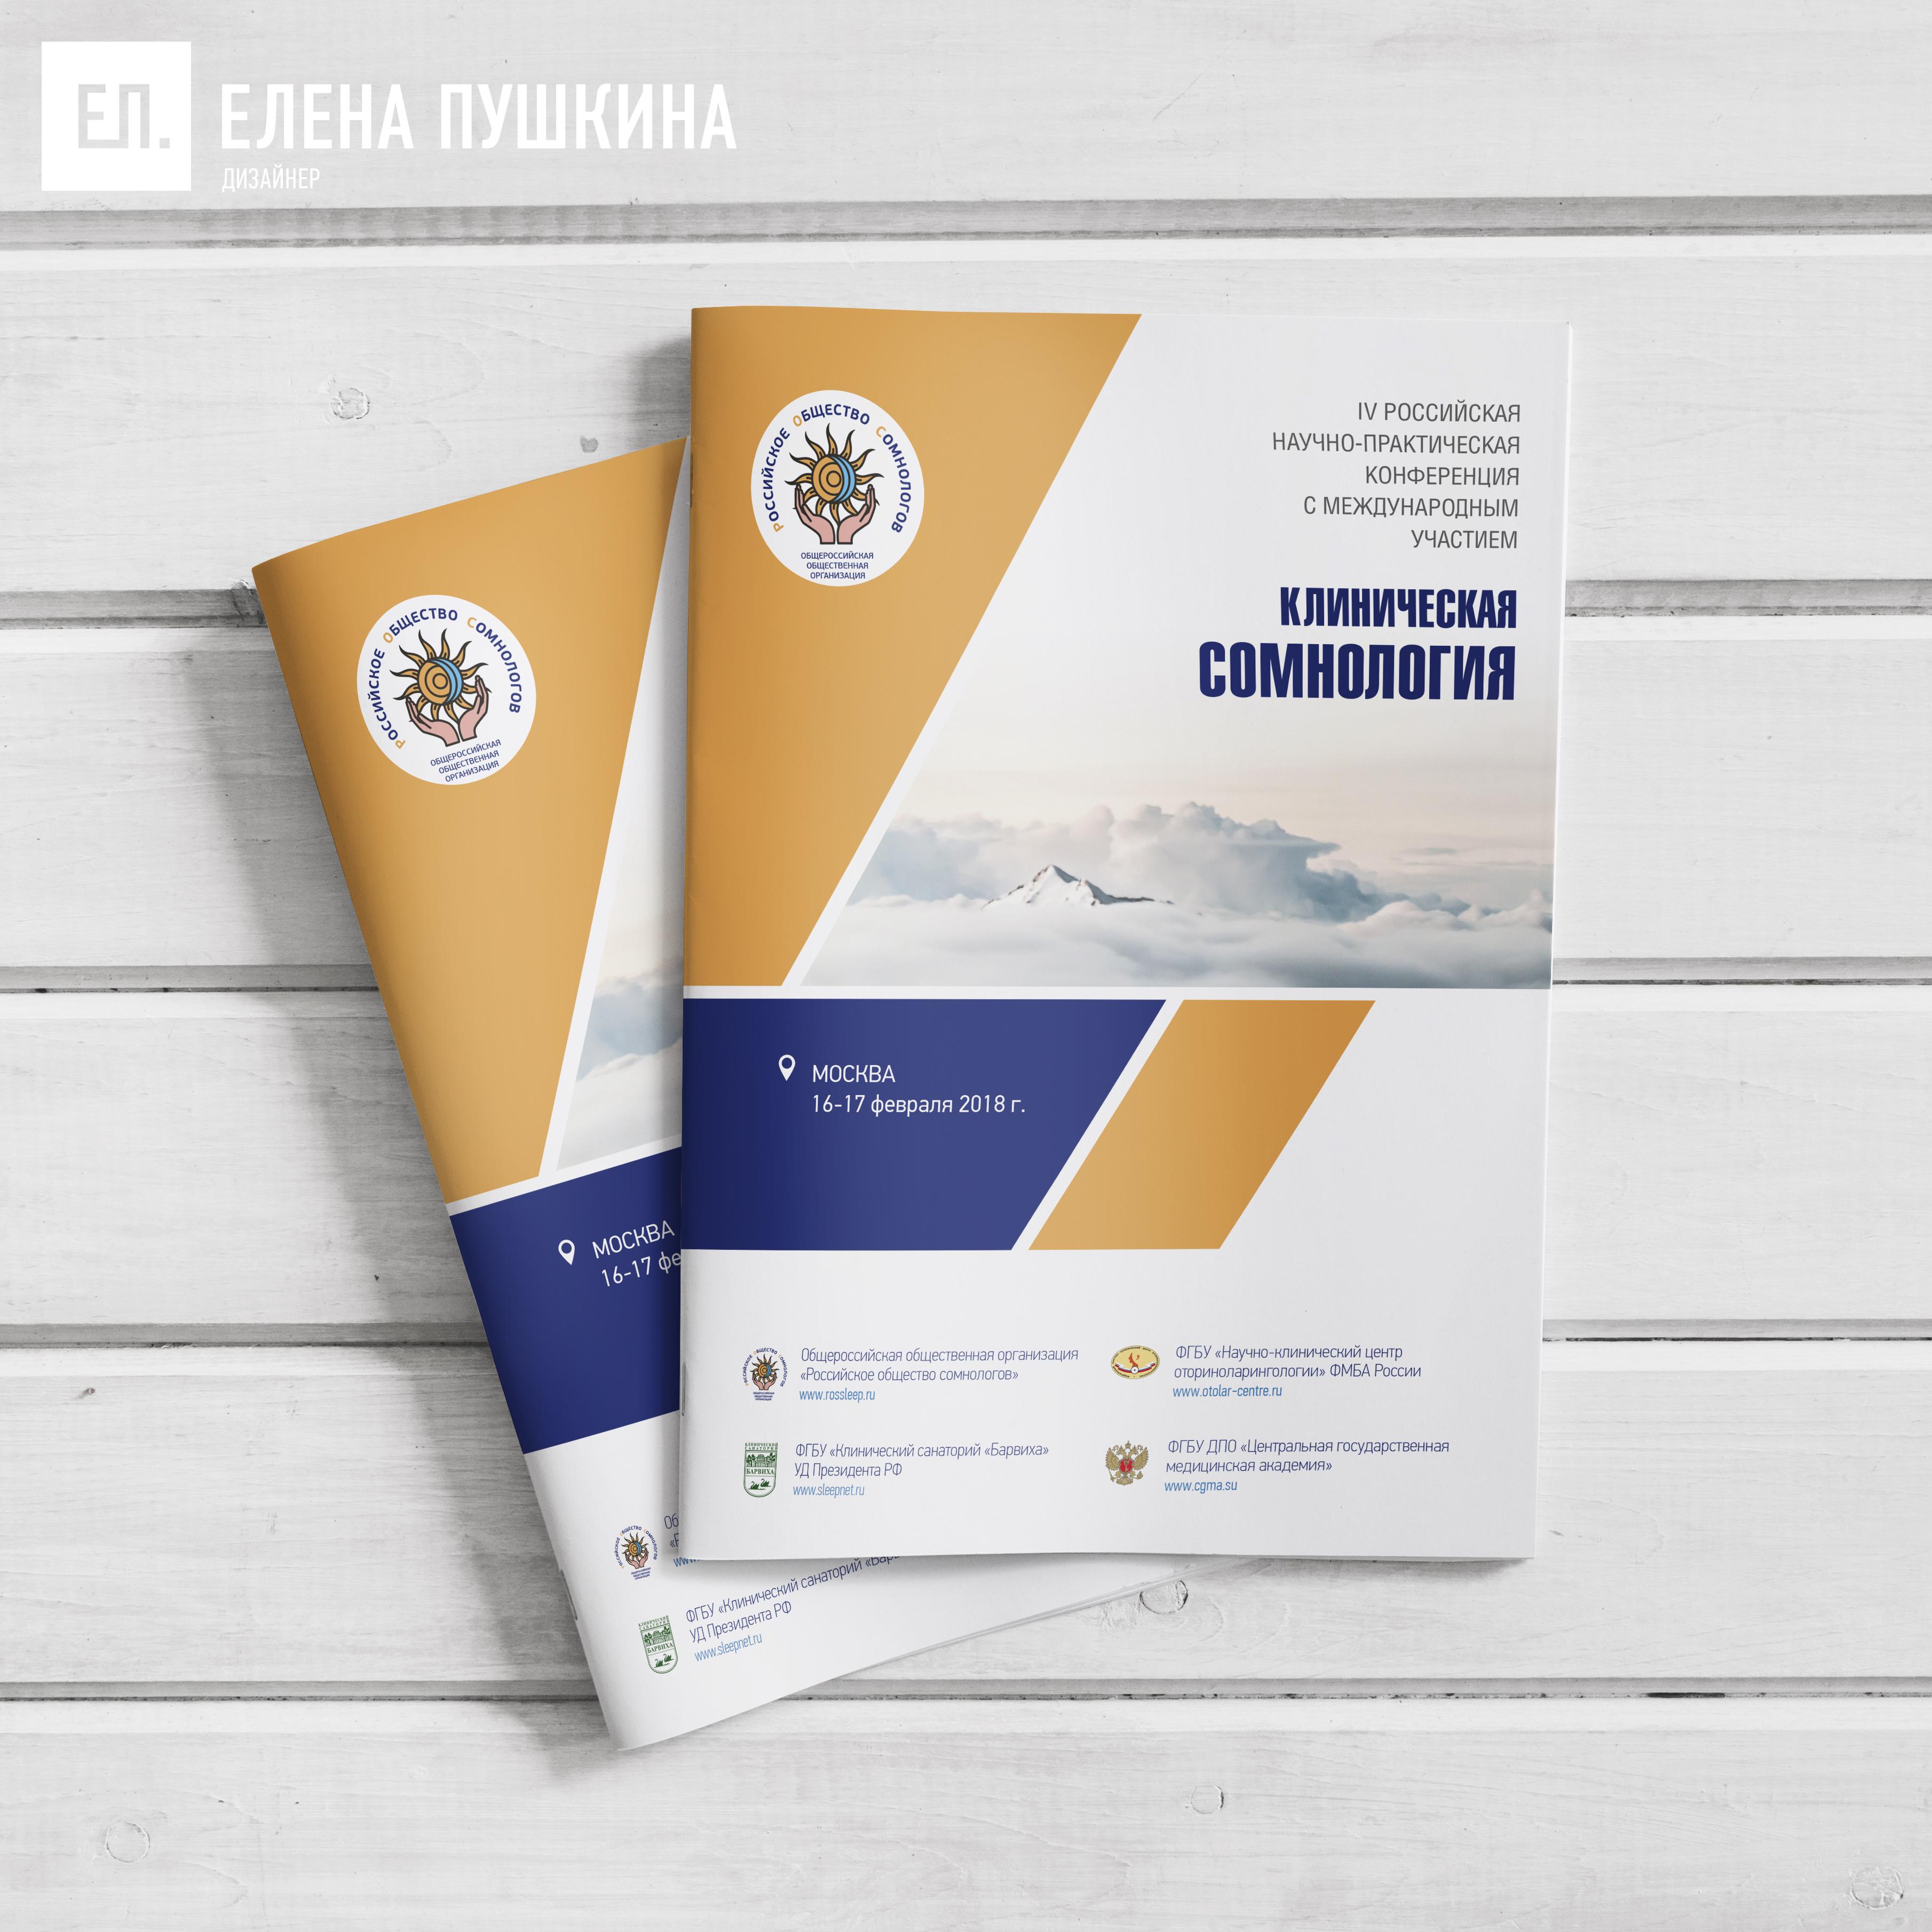 Дизайн обложки «Сборника материалов конференции» для «РОССИЙСКОГО ОБЩЕСТВА СОМНОЛОГОВ» Дизайн обложек Портфолио